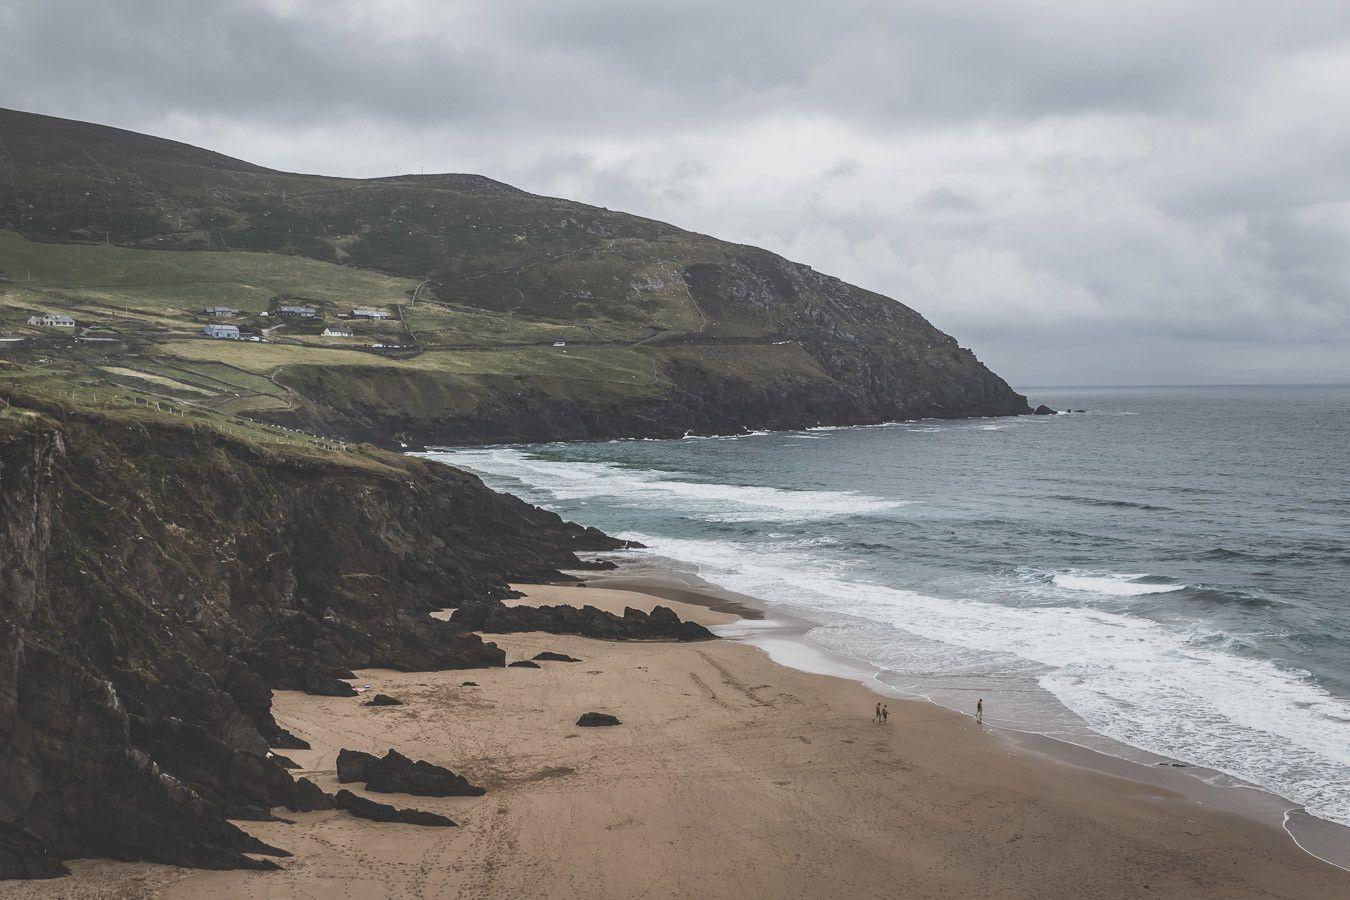 La plage de Dunmore en Irlande du Sud